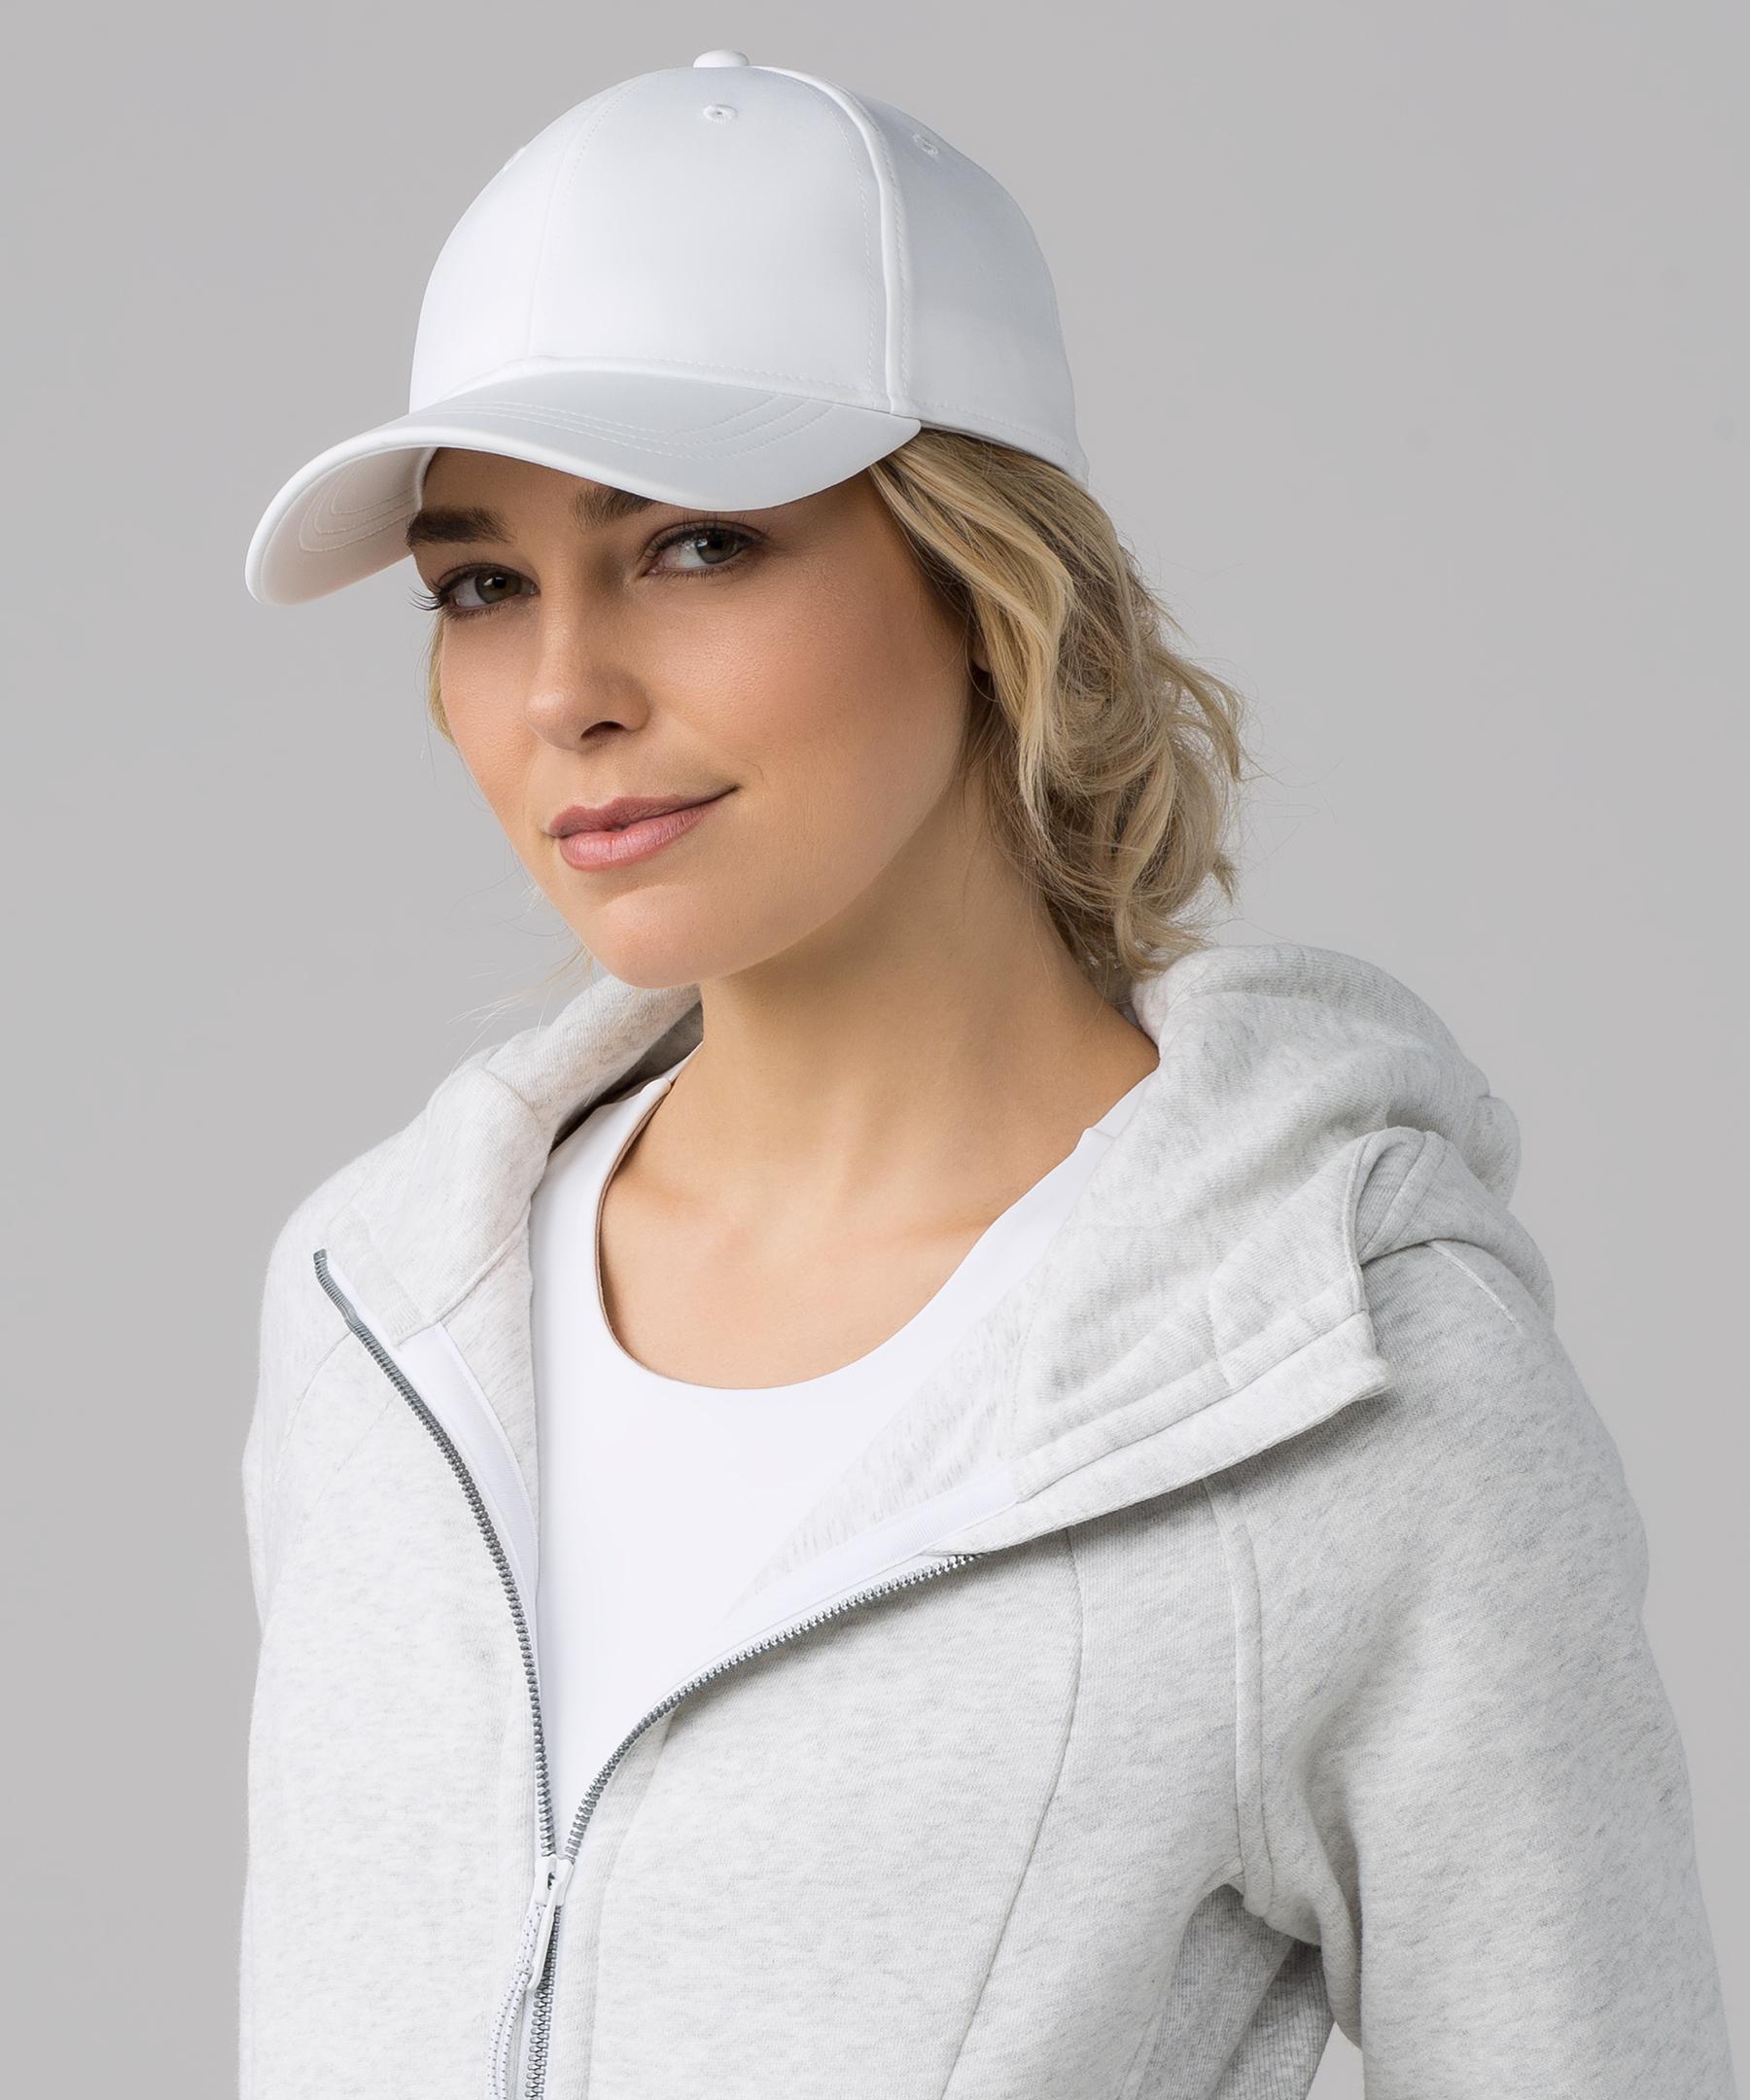 00578670bc5 Lyst - Lululemon Athletica Baller Hat in White